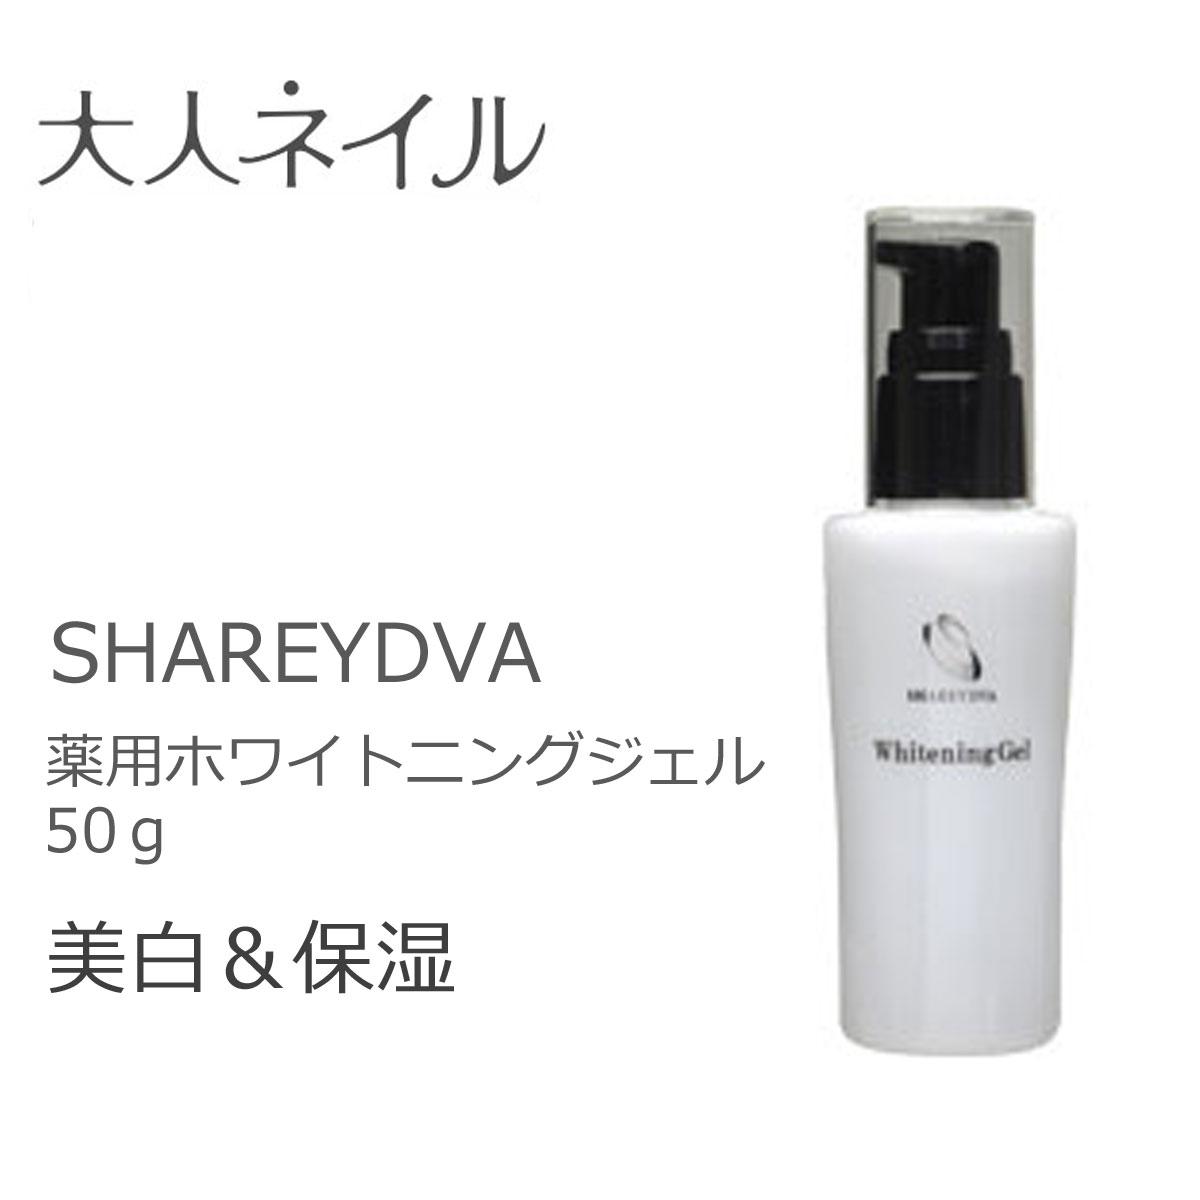 【20%OFF】SHAREYDVA ホワイトニングジェル50g